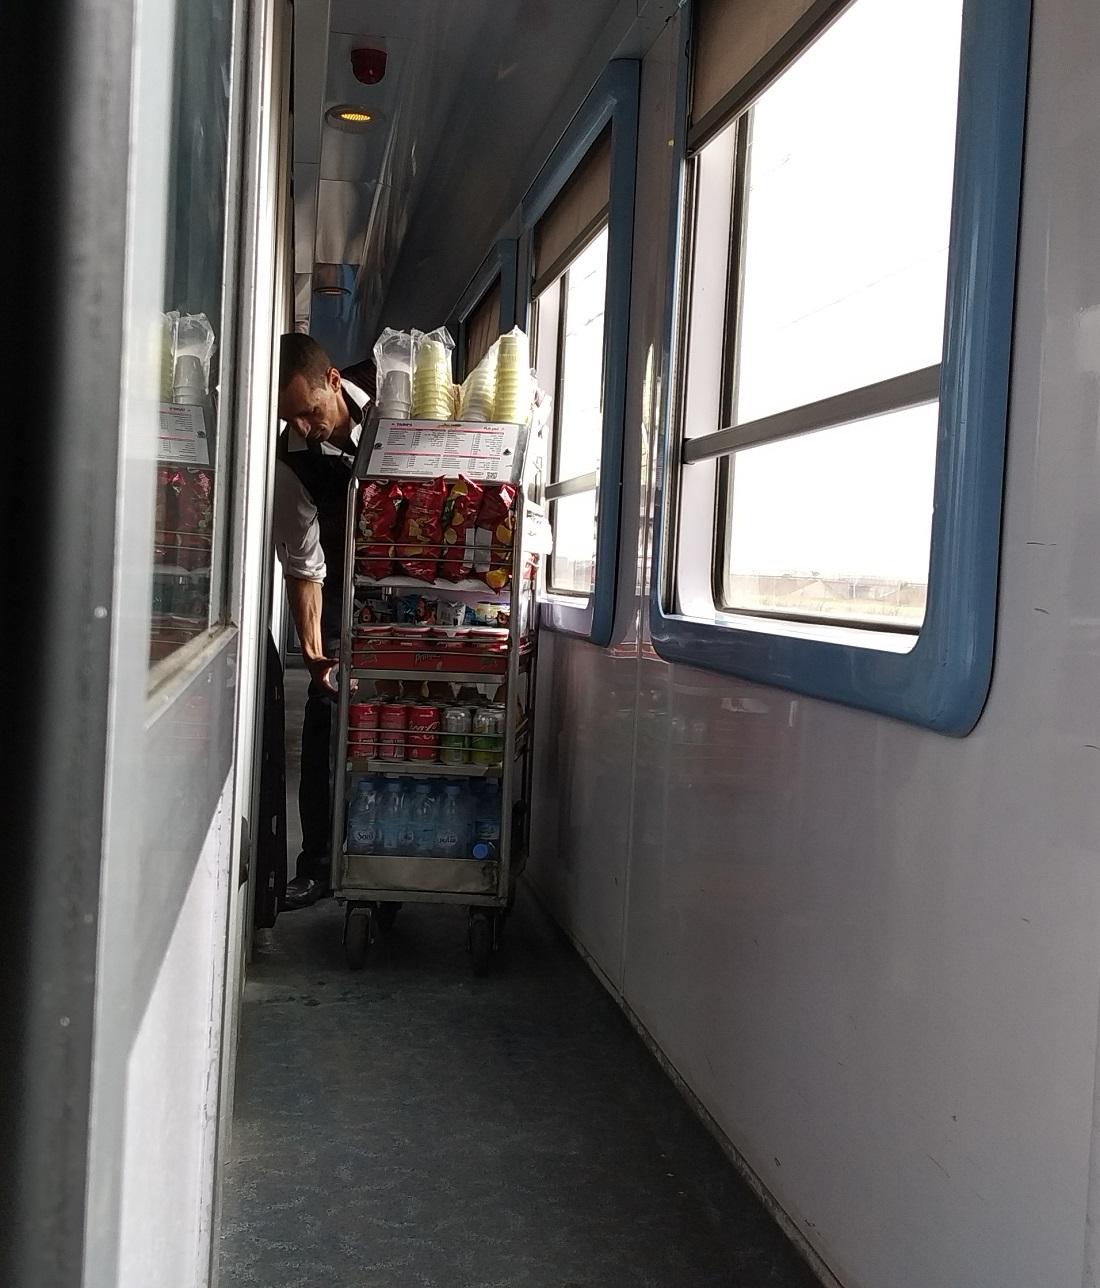 Étkezőkocsi nincs a vonatokon, ilyen kiskocsis árus viszont folyamatosan jön-megy a folyosón